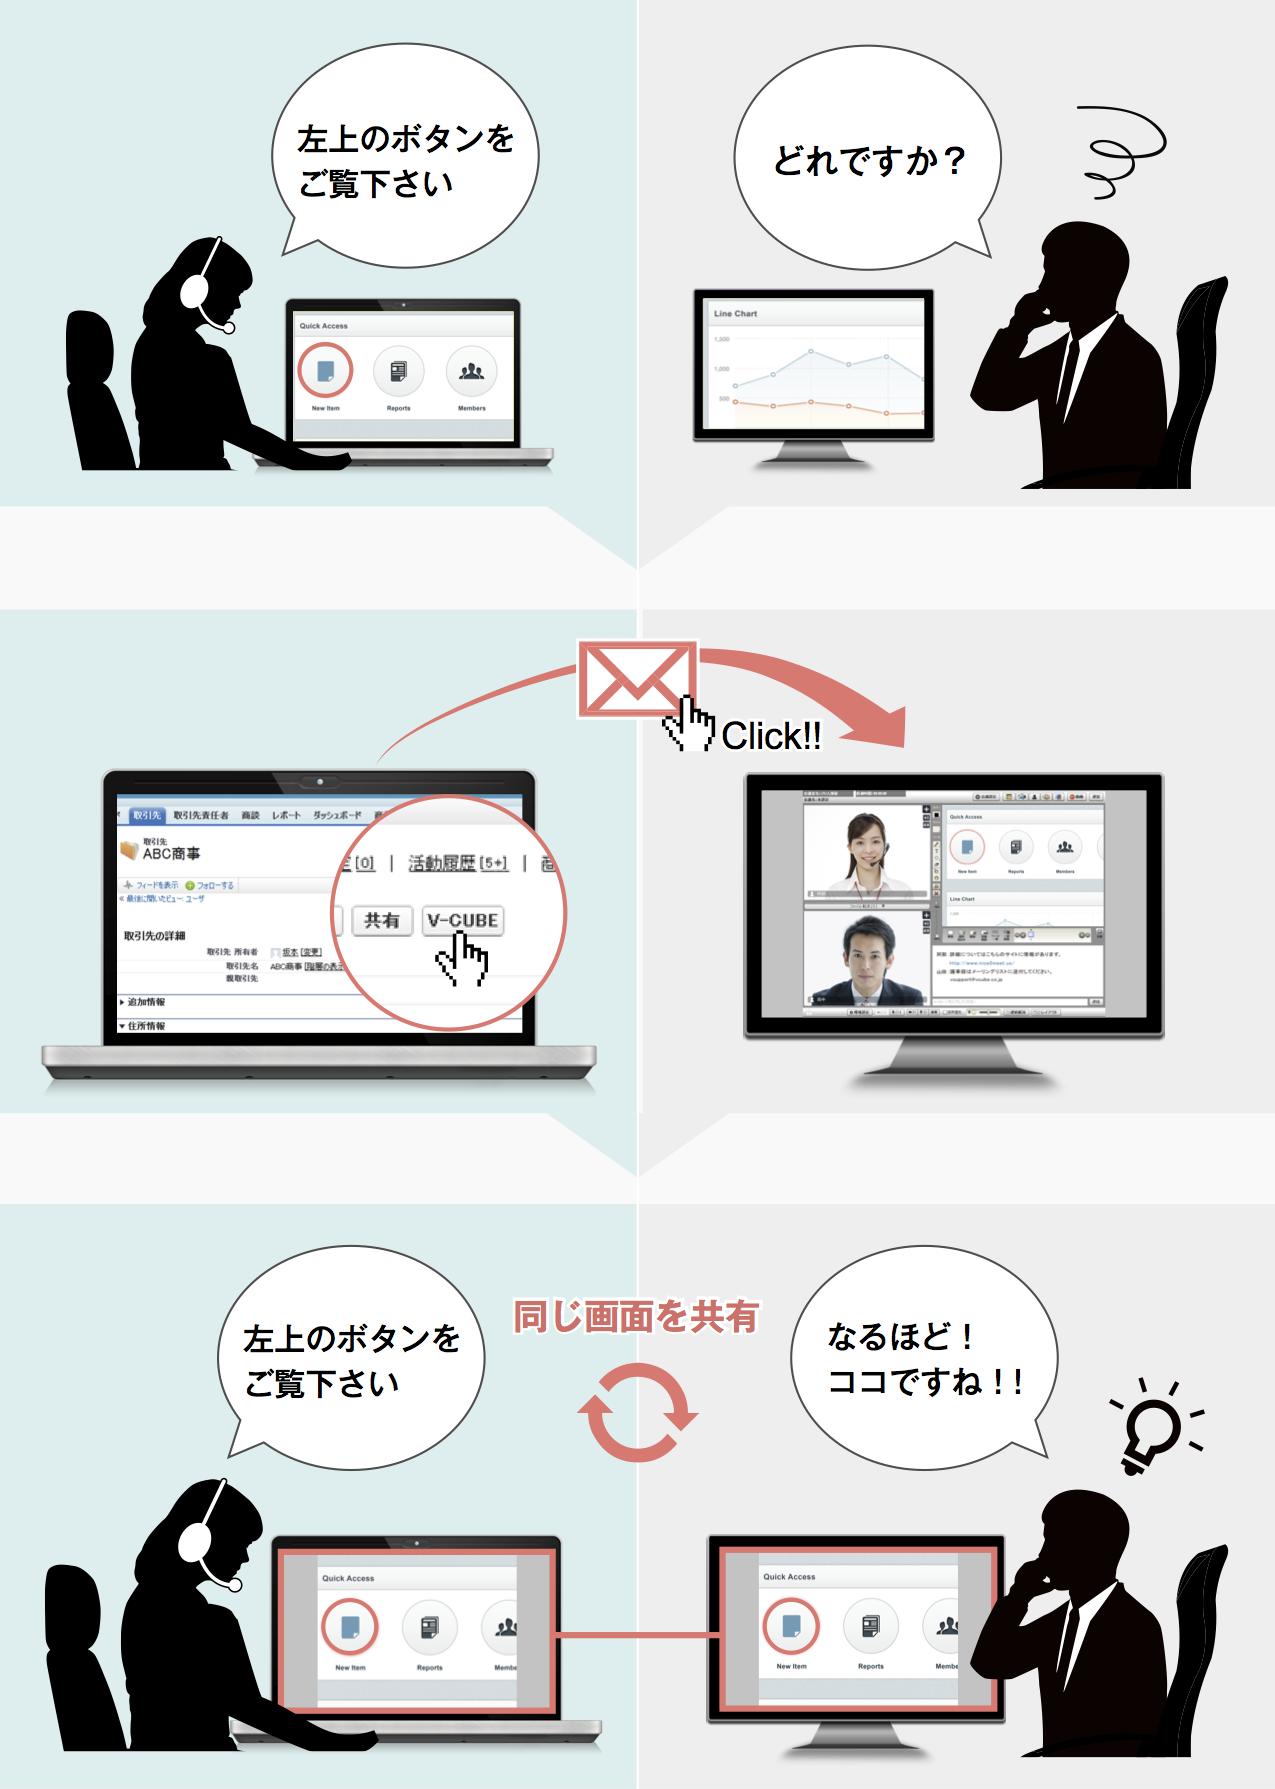 https://cdn2.hubspot.net/hubfs/1970584/jp/image20130827_01.png